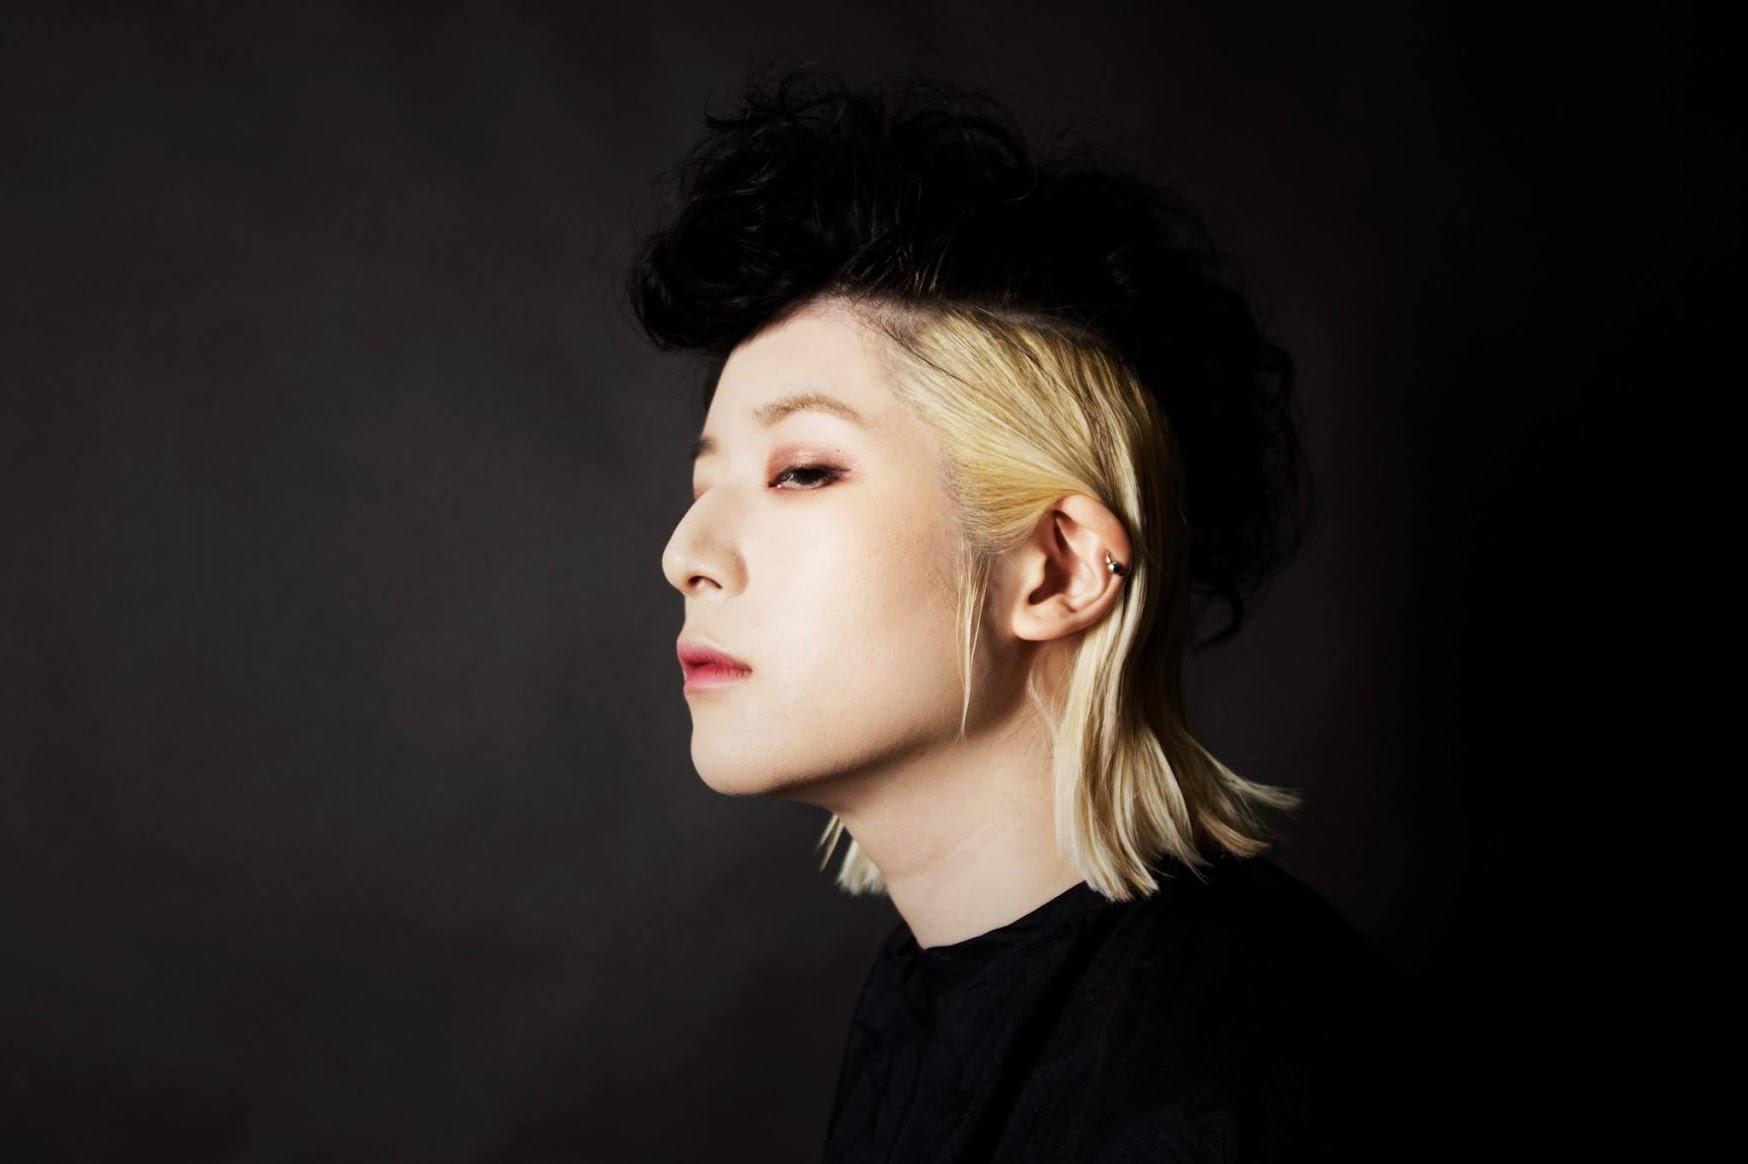 新世代創作歌手 majiko 新曲〈一応私も泣いた〉MV公開